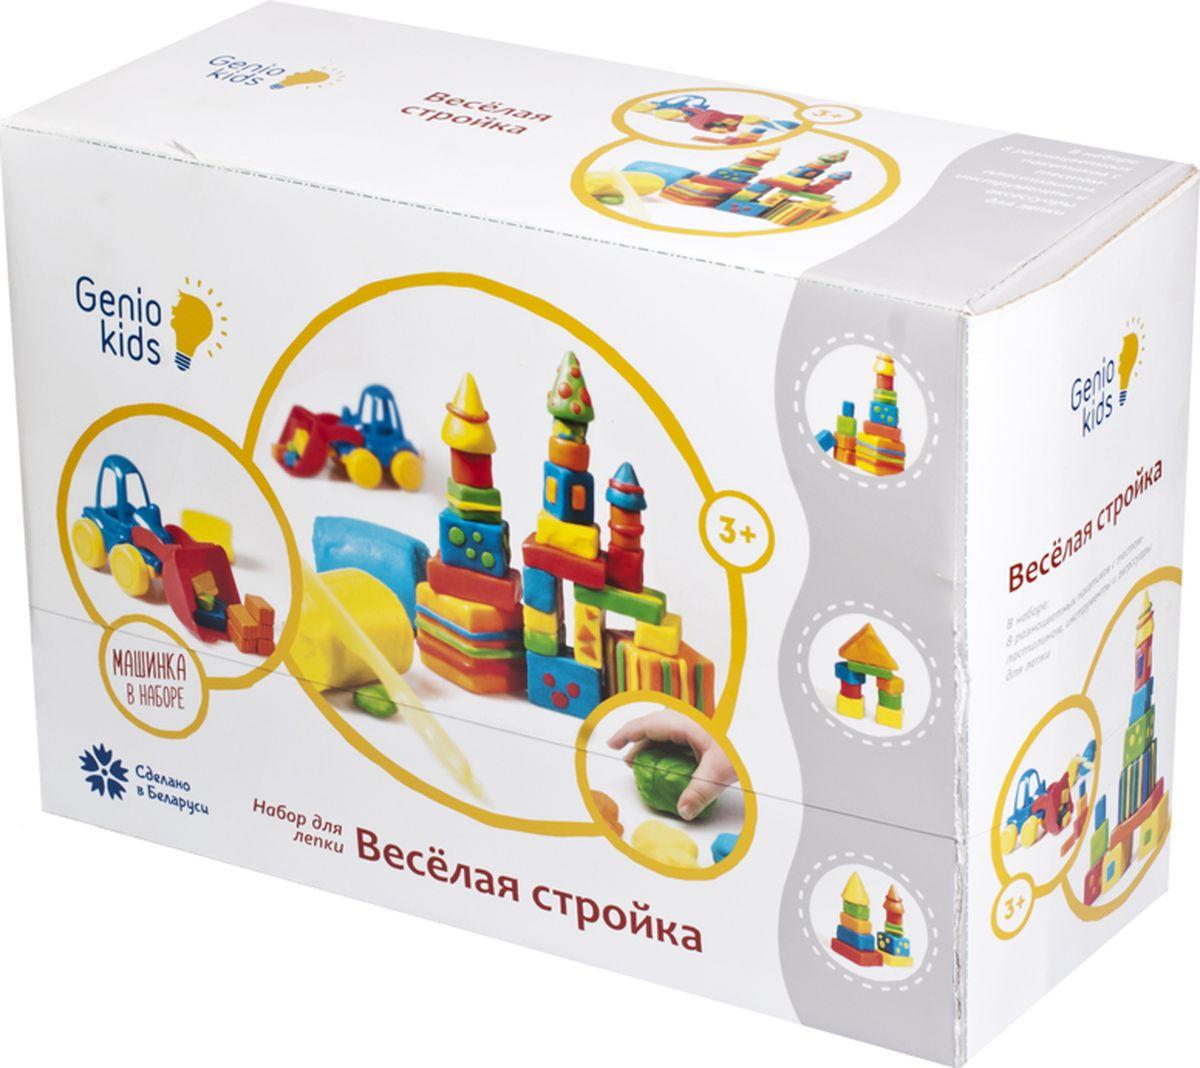 Genio Kids Набор для лепки Веселая стройка 400 г набор для лепки color puppy веселая пекарня тесто 250 г аксессуары 631027